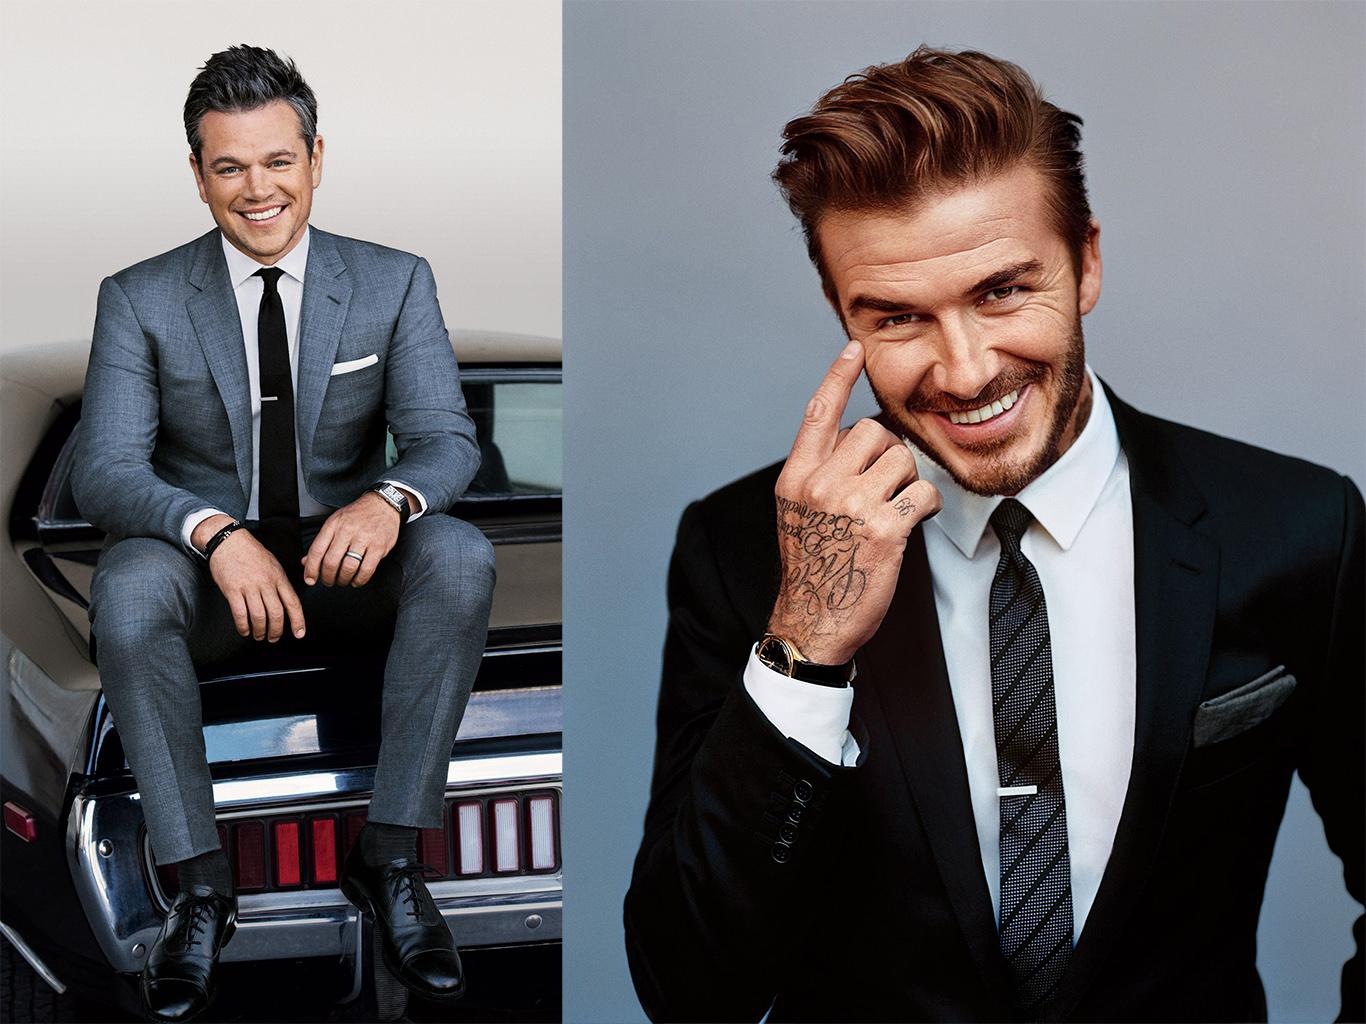 8 secrets of impeccable man's suit